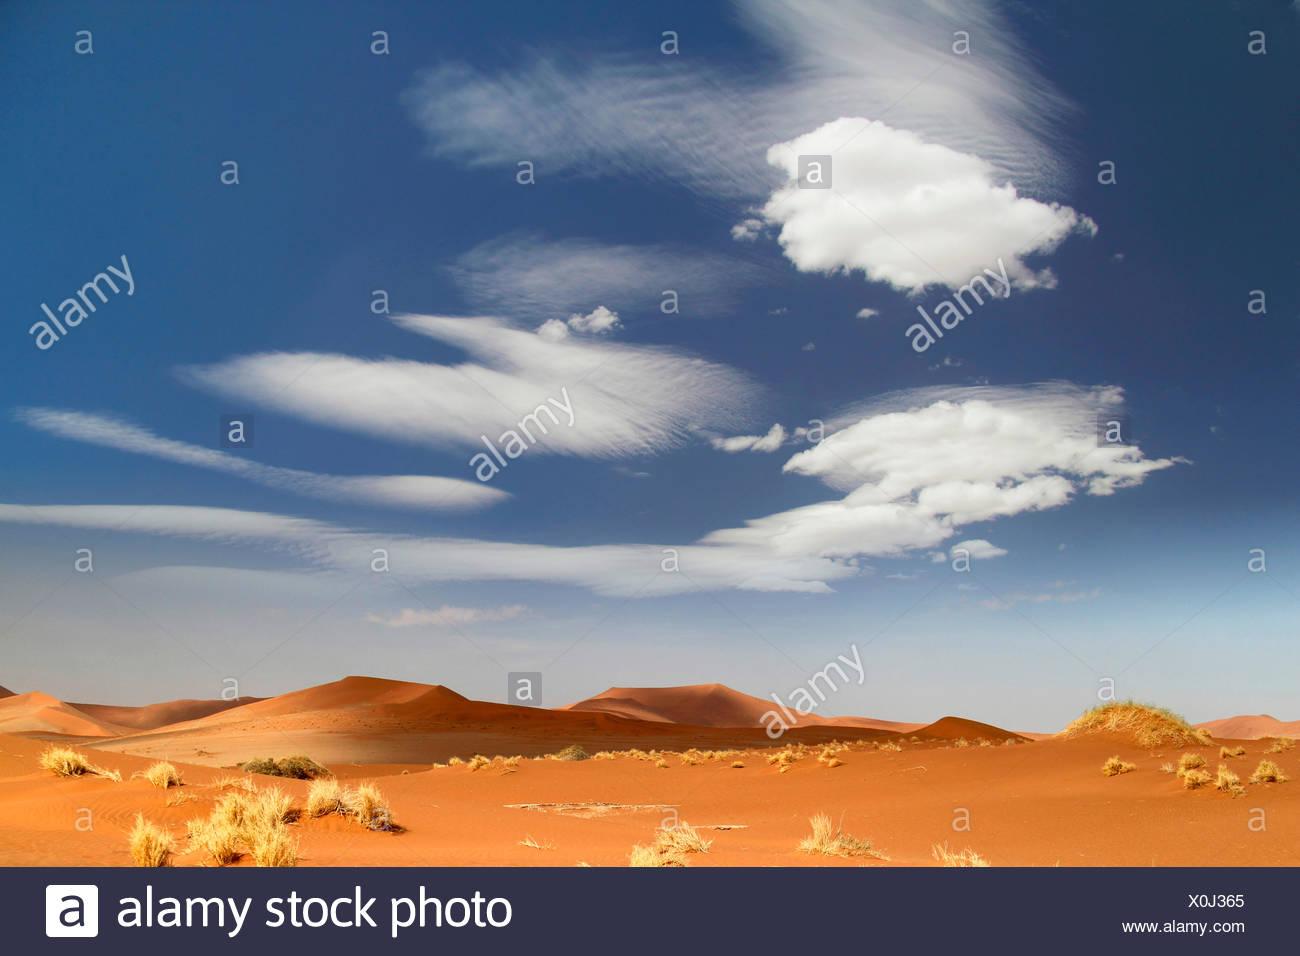 Les nuages et les dunes de sable du désert du namib, Namibie, le Parc National Namib Naukluft Sossusvlei, Photo Stock